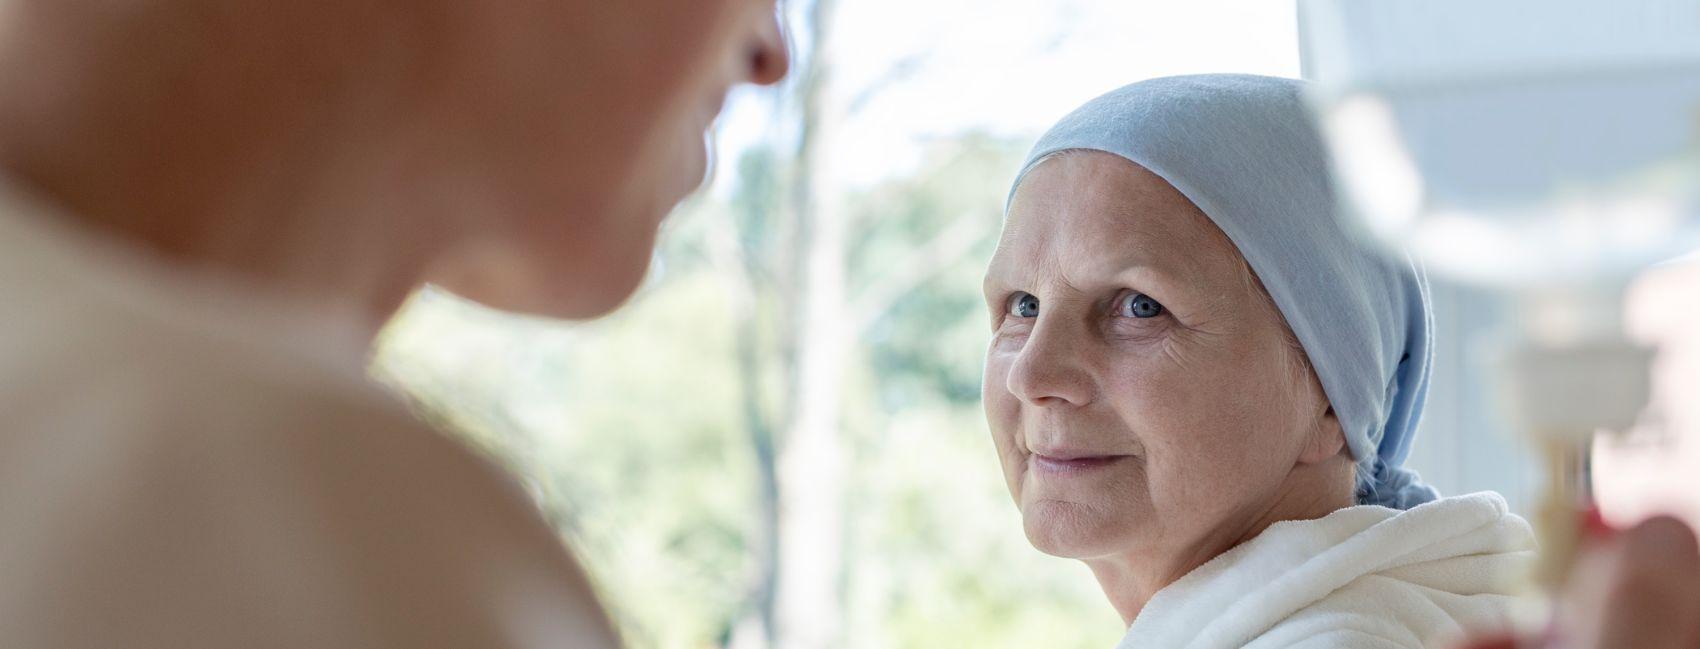 En syk eldre kvinne har fått besøk av hjemmeteamet til Stendi, for pleie og omsorg.